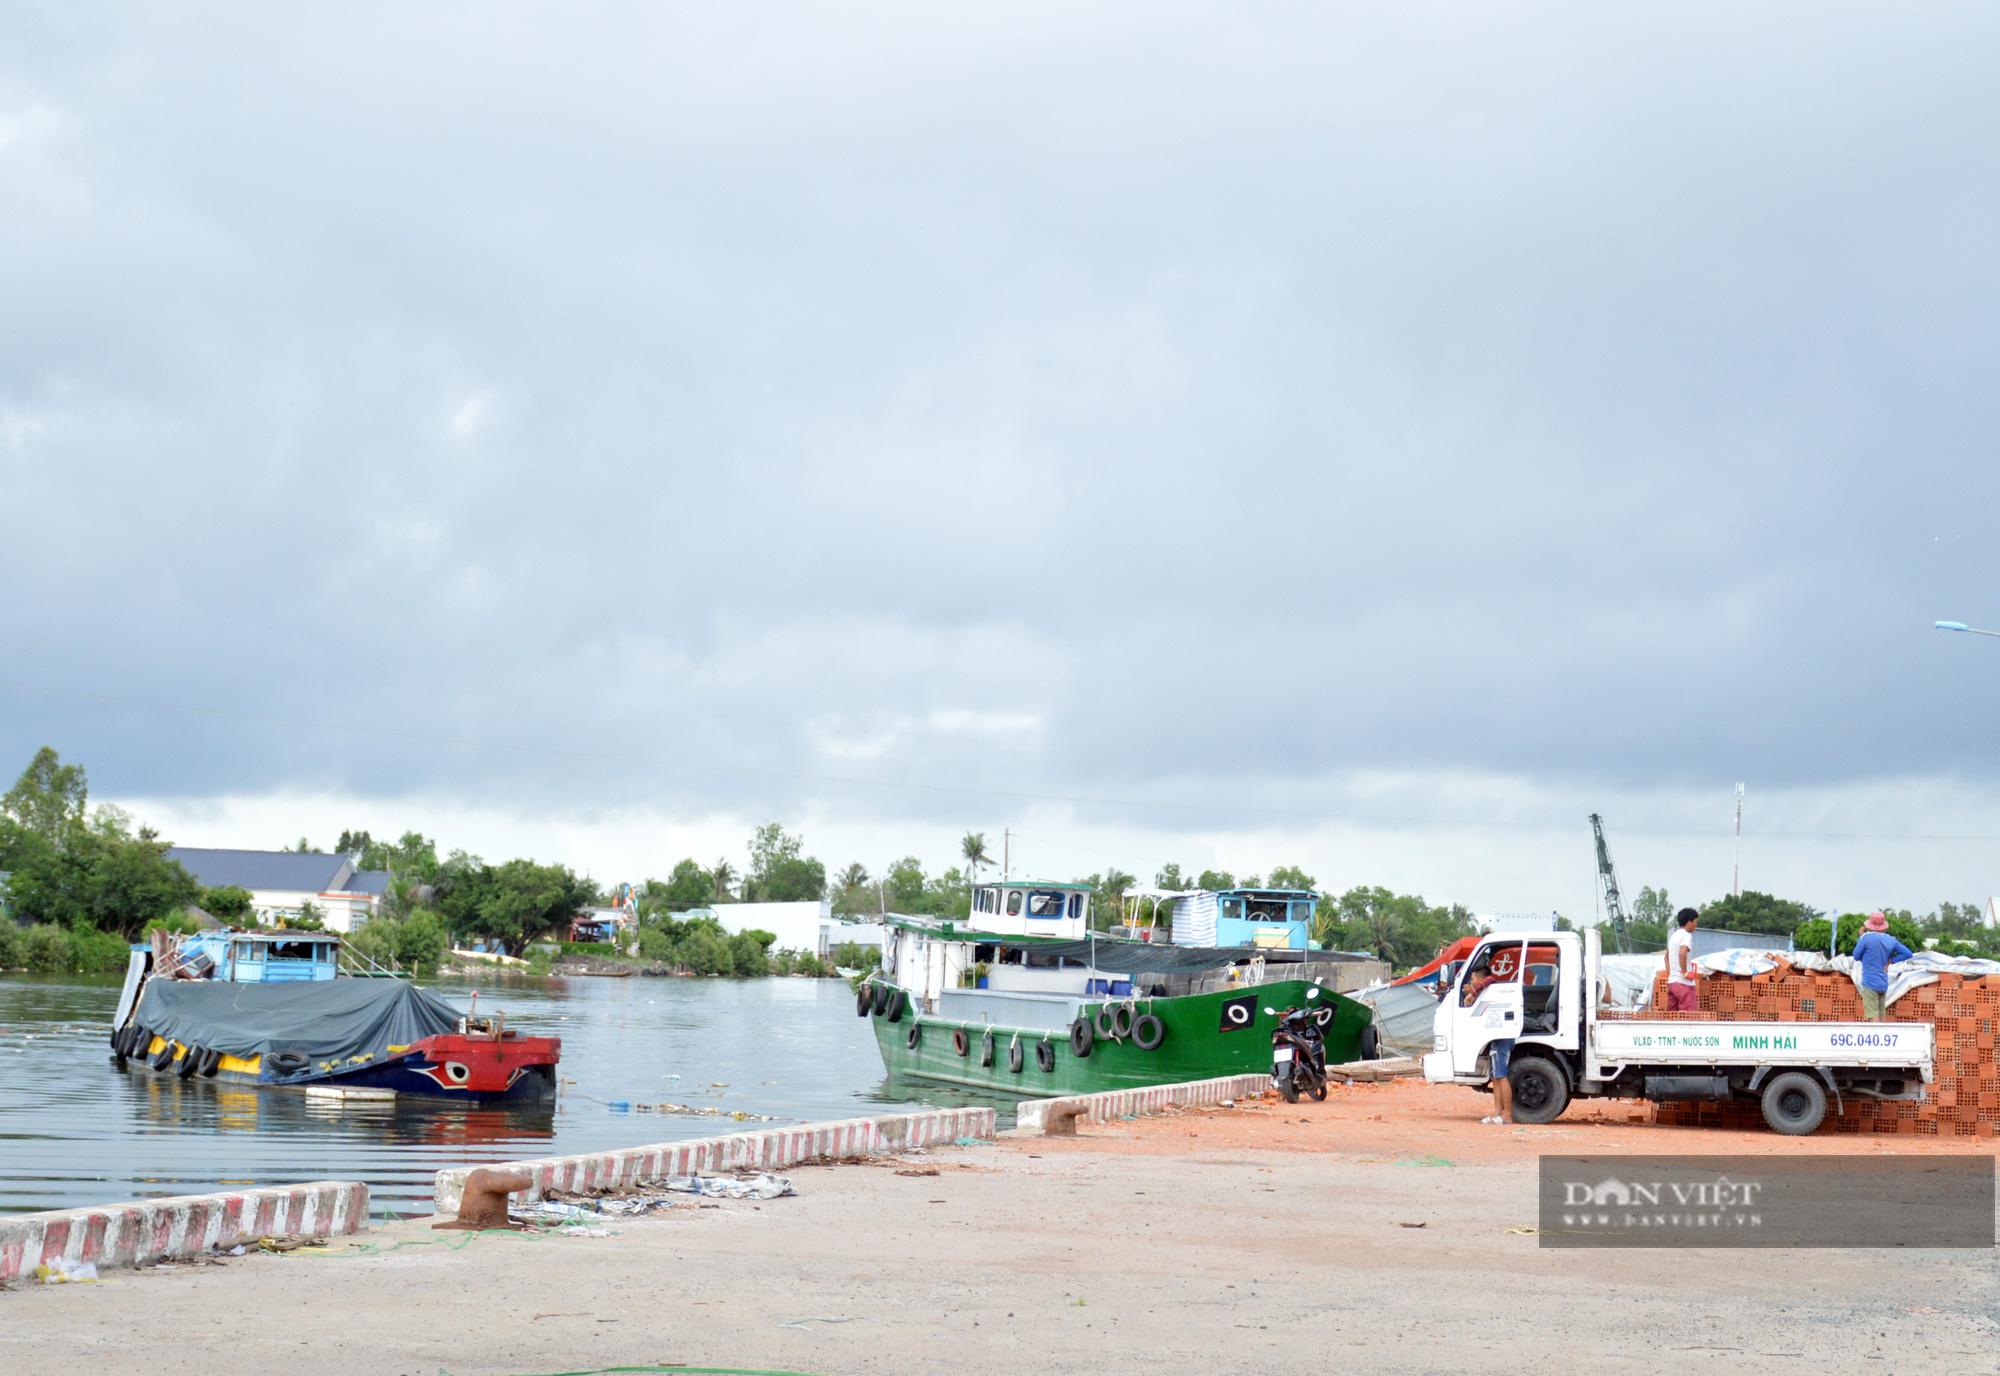 Cảng Cà Mau gần 150 tỷ đồng hoạt động cầm chừng sẽ được đấu giá - Ảnh 1.